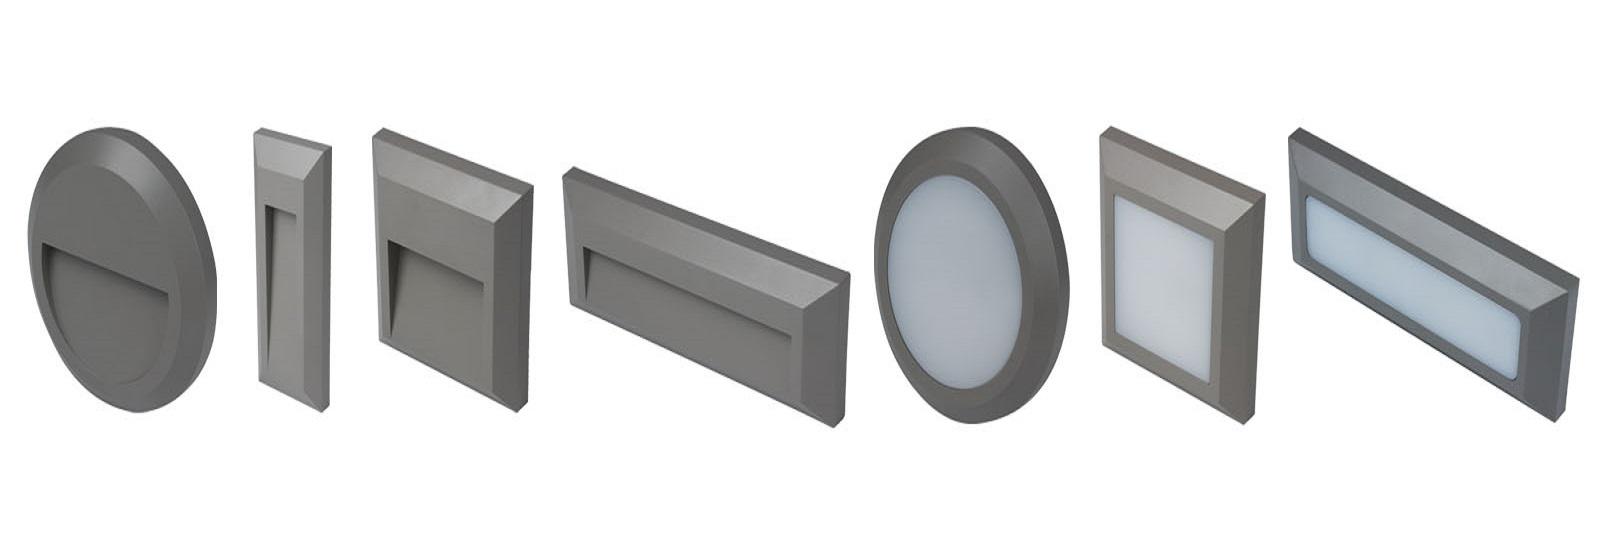 TWILIGHT LED Venkovní nástěnná přisazená orientační LED svítidla v různých tvarech